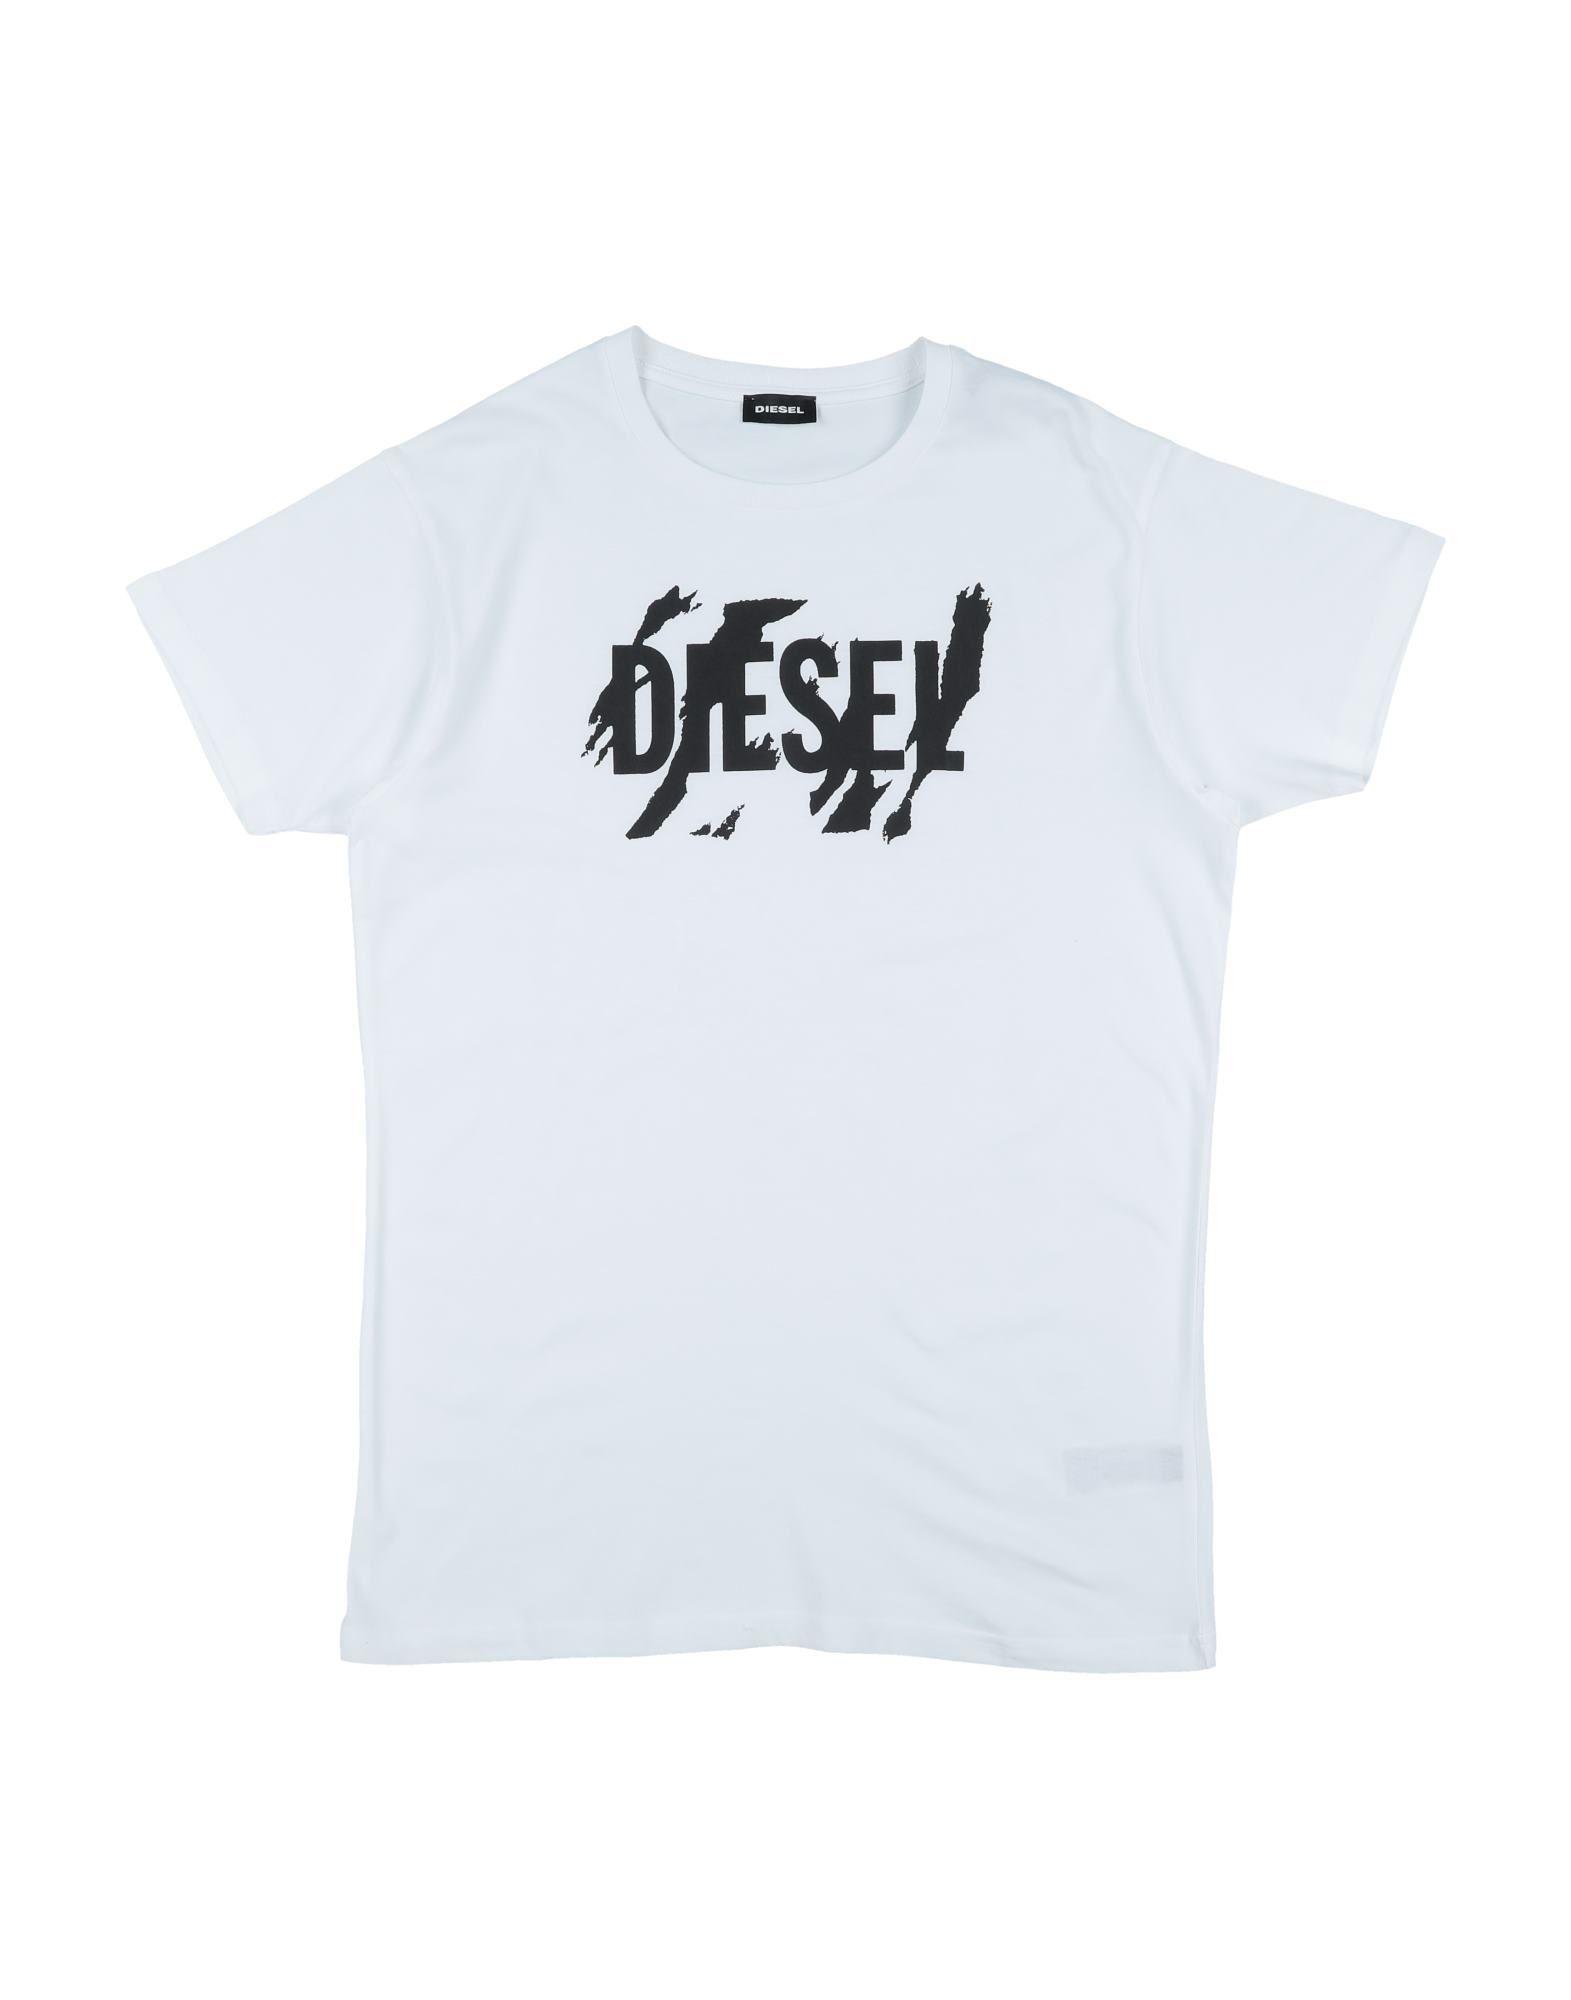 Diesel Kids' T-shirts In White